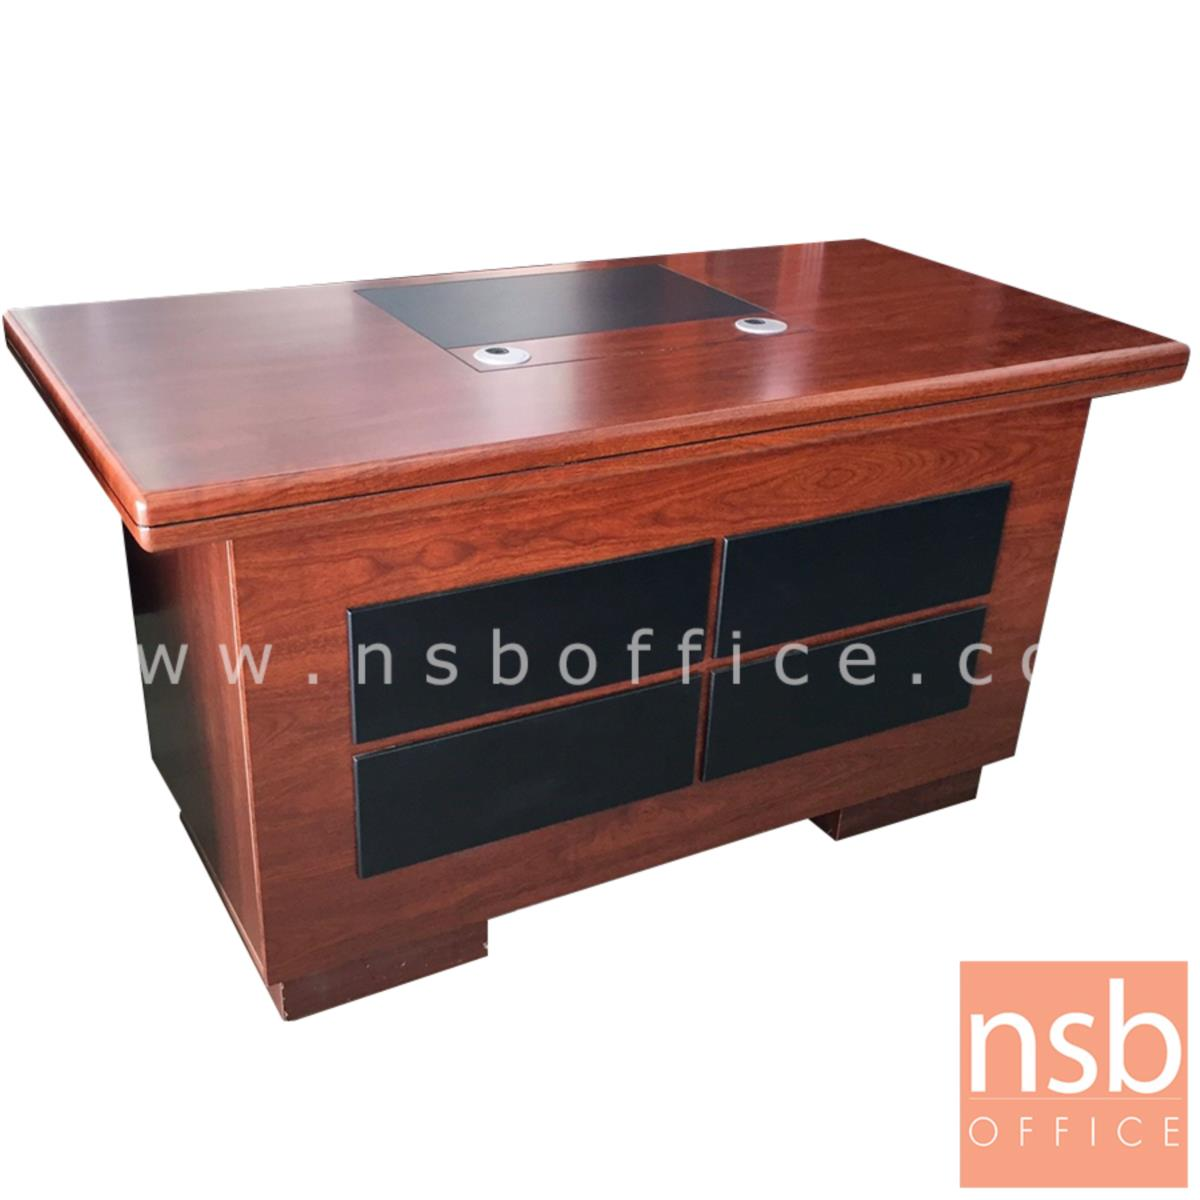 A06A124:โต๊ะผู้บริหารทรงตรง 3ลิ้นชัก 1 บานเปิด มีคีย์บอร์ด  รุ่น Pantera (แพนเทอรา) ขนาด 140W ,160W cm. พร้อมกุญแจล็อค